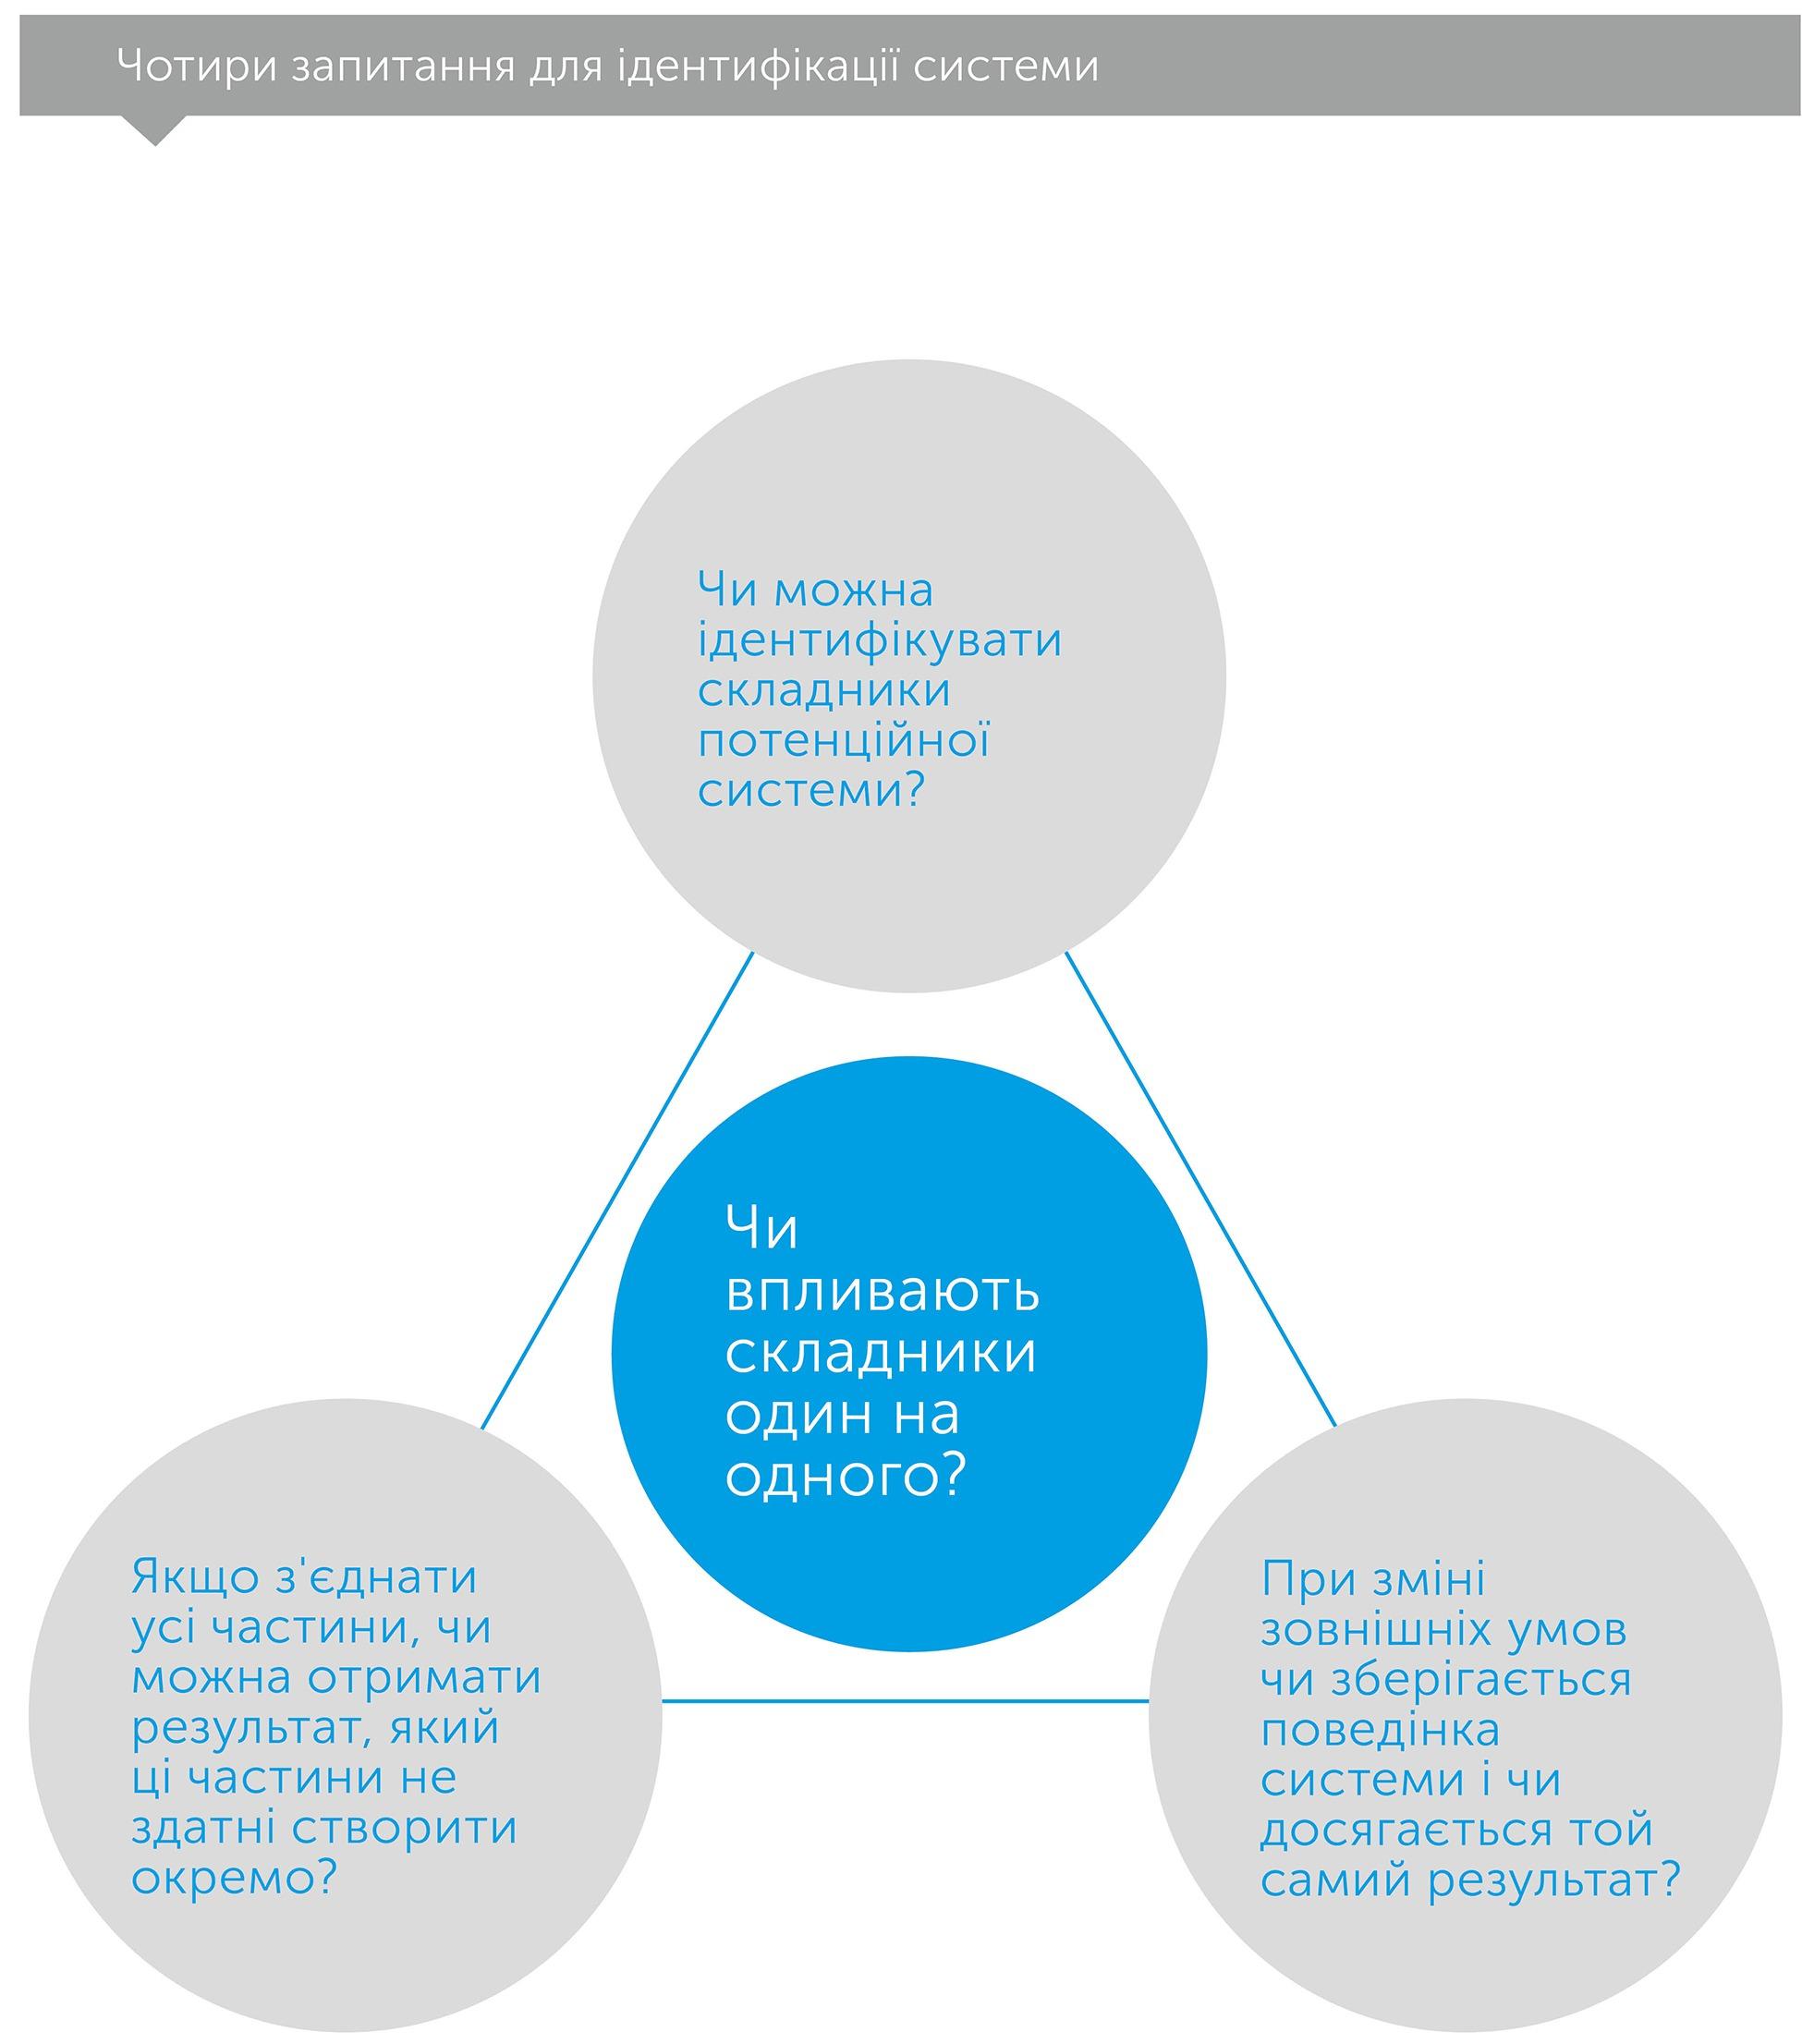 Азбука системного мислення. Як зрозуміти поведінку систем, автор Донелла Медоуз   Kyivstar Business Hub, зображення №3